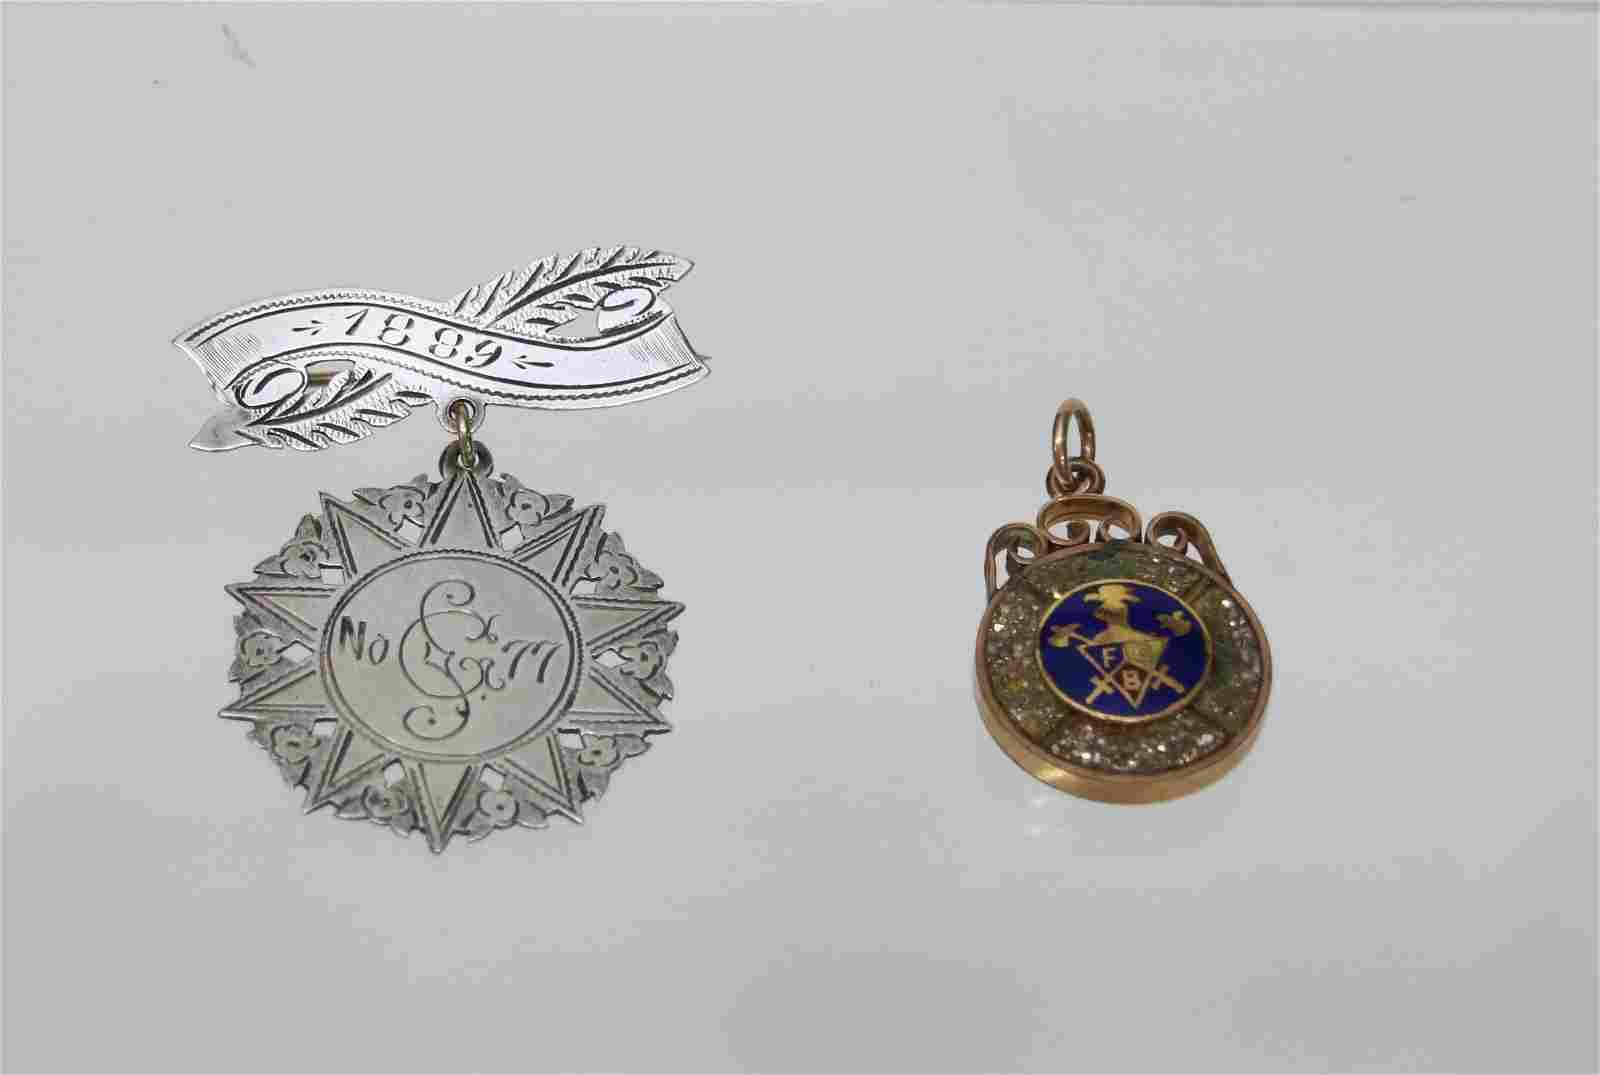 2 - ASSOCIATION PINS